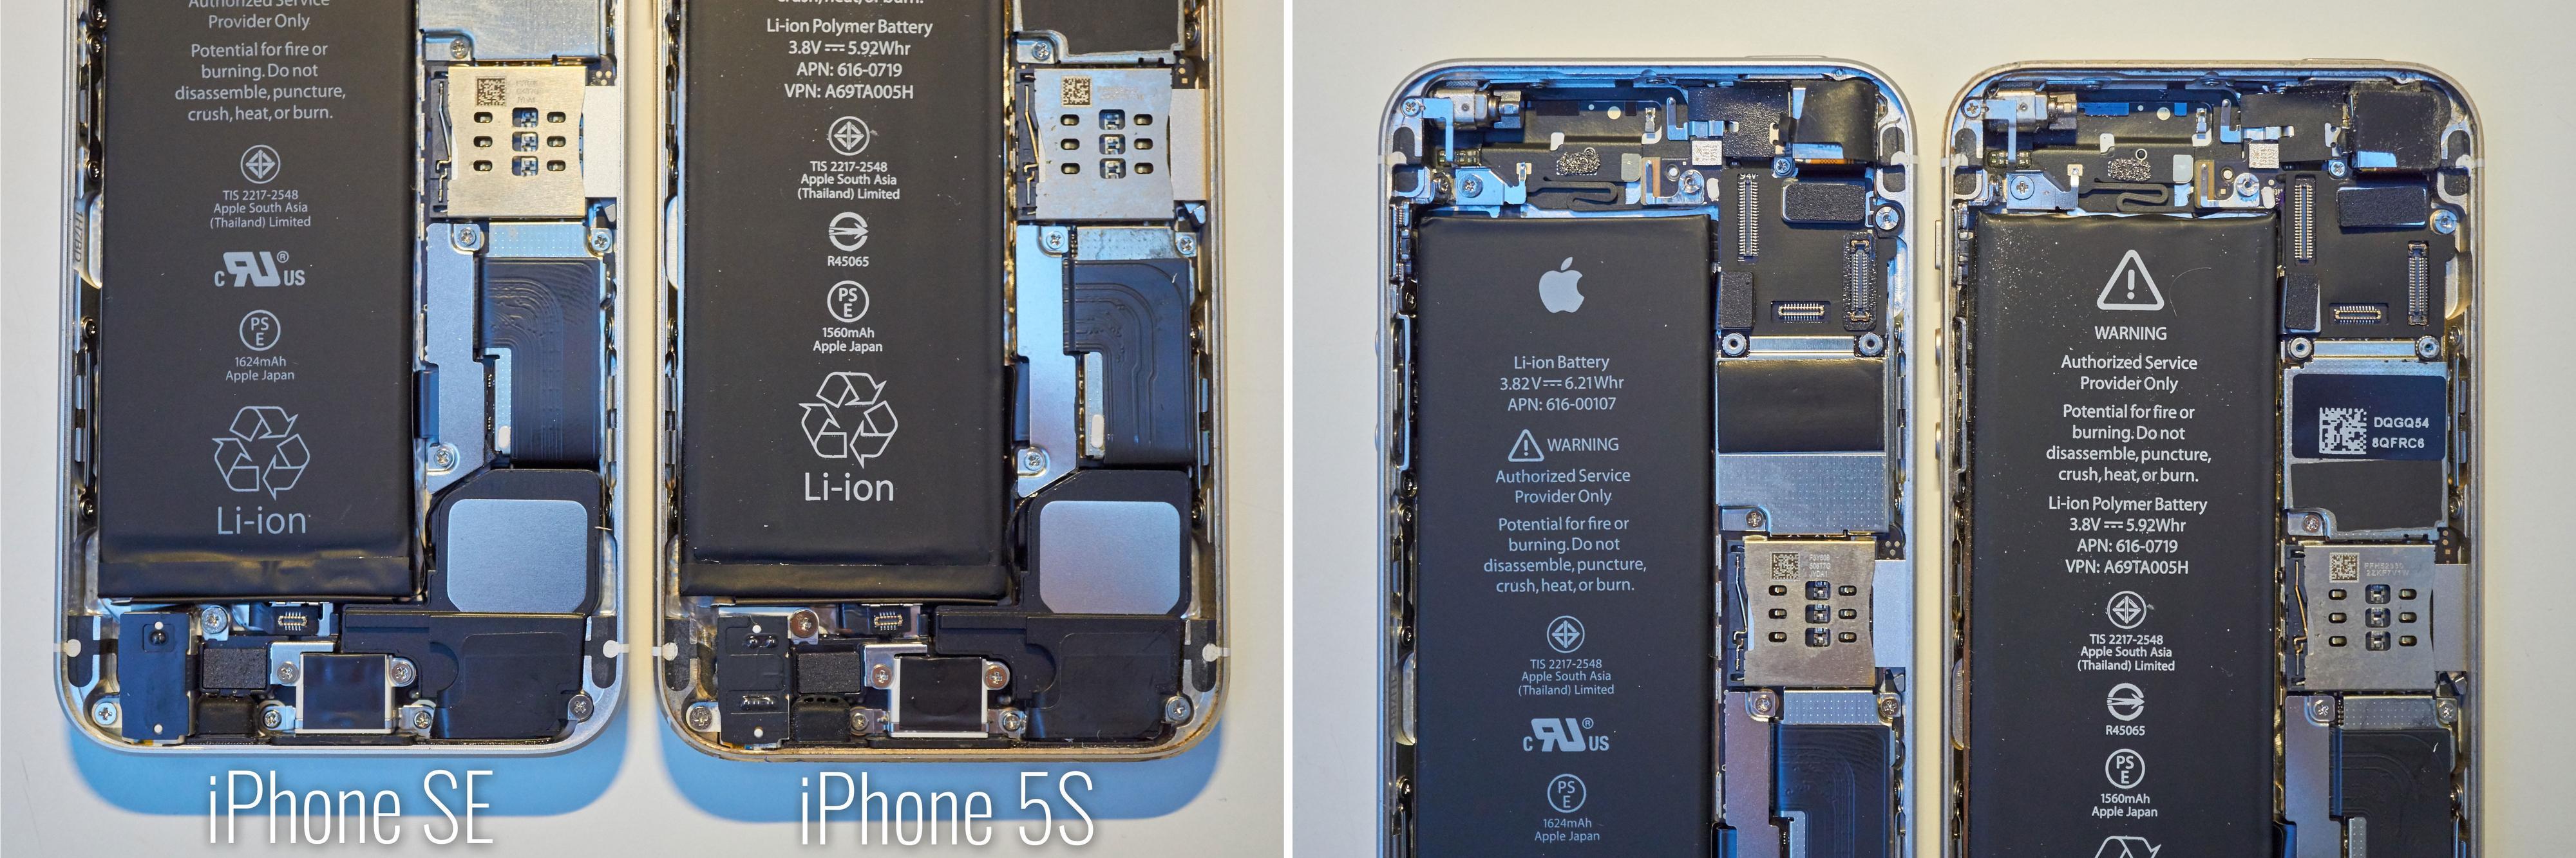 iPhone 5S og SE ser like ut på innsiden også. Klikk for større bilde.